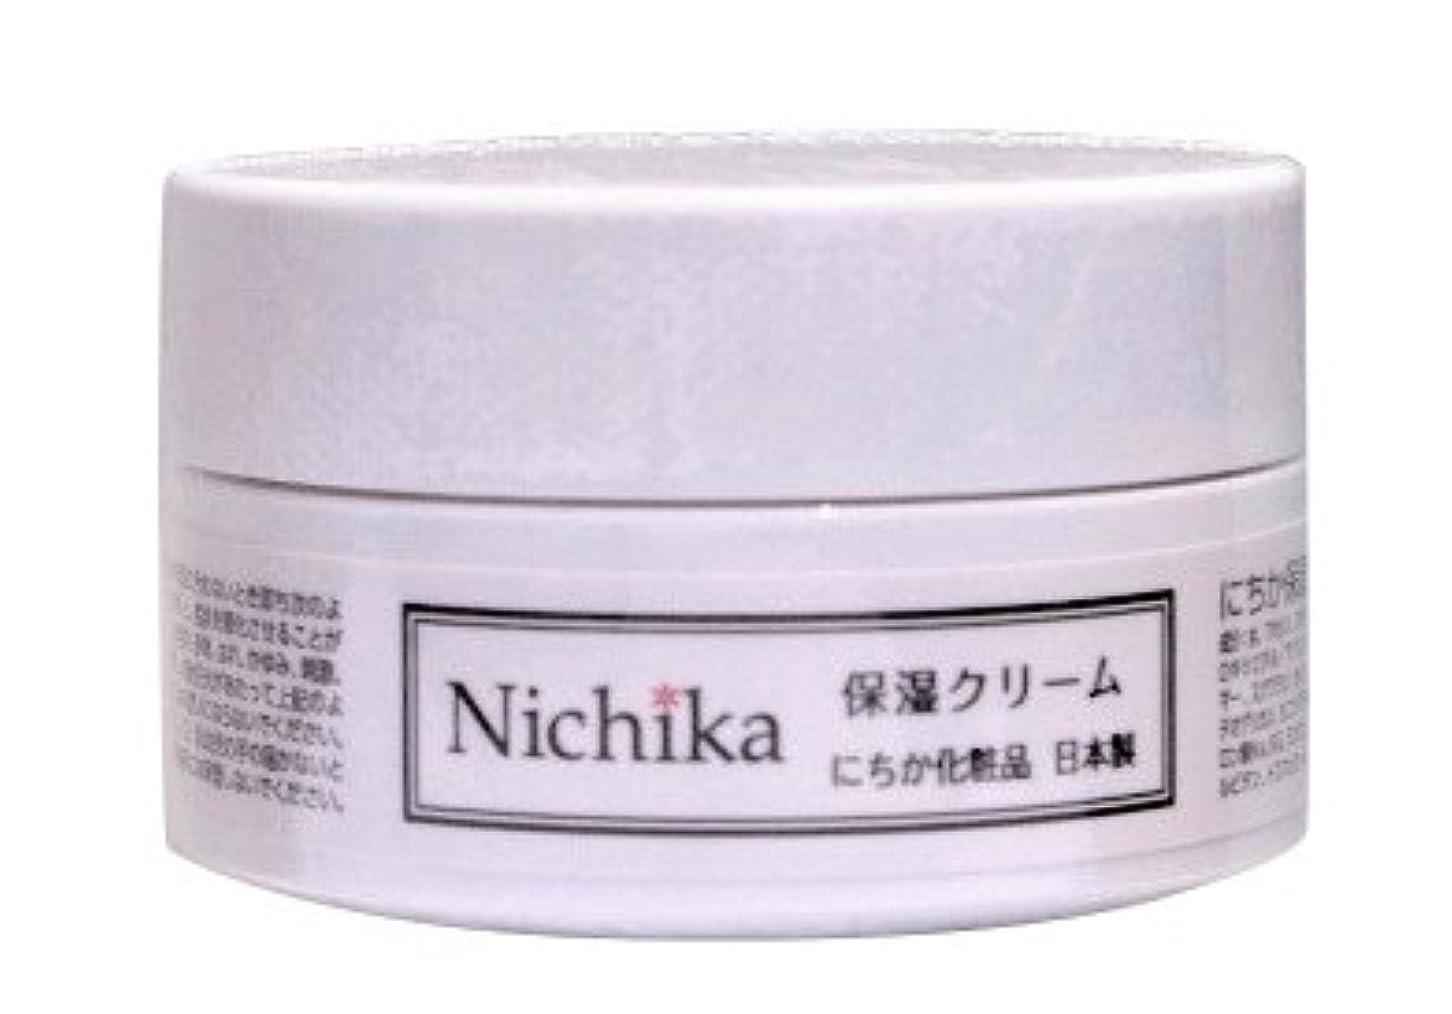 アフリカ人平らな降ろすにちか保湿クリーム  内容量30g 日本製  『ワンランク上の潤いハリ肌』を『リーズナブル』に。  ヒアルロン酸の1.3倍の保水力があるプロテオグリカン配合。 しっとりなじみ,成分がじんわり角質層に浸透 お肌に「ふた」をして...